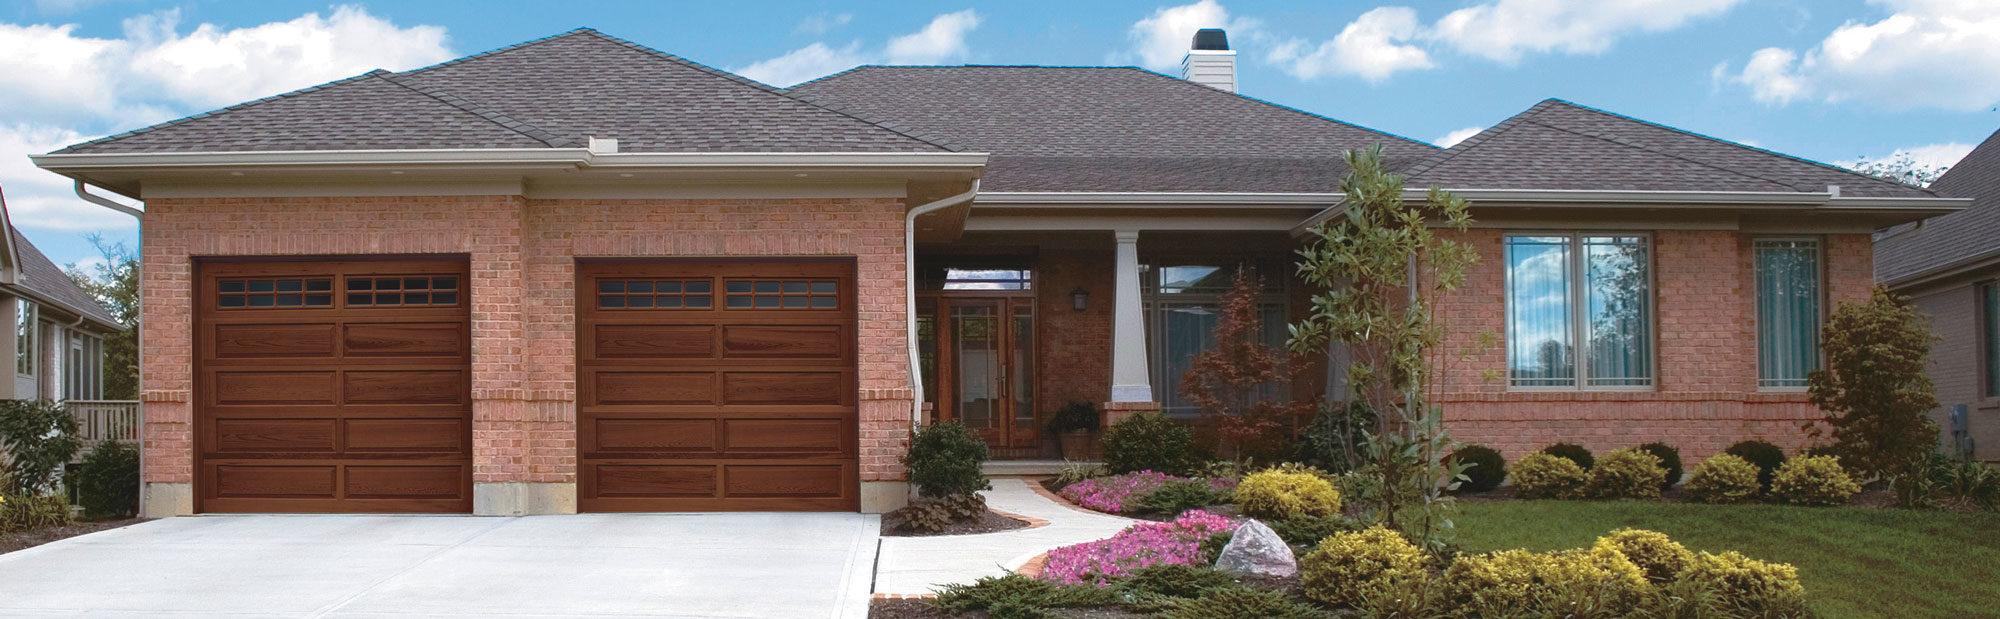 Your Trusted Garage Door Experts